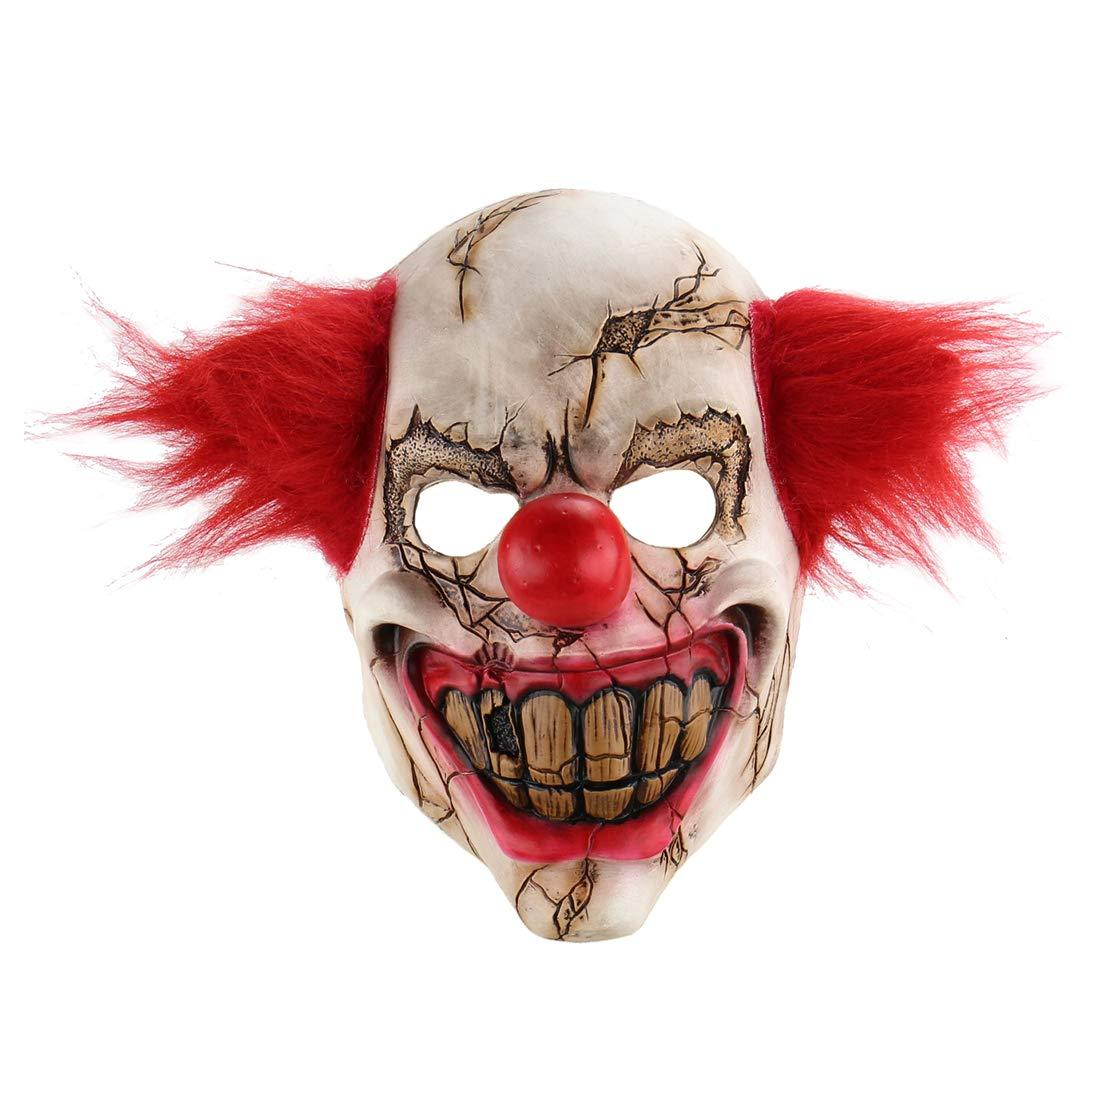 Xiao Chou Ri Ji Scary Halloween Clown Mask Costume Party Costume Party Props. Demon Clown Mask